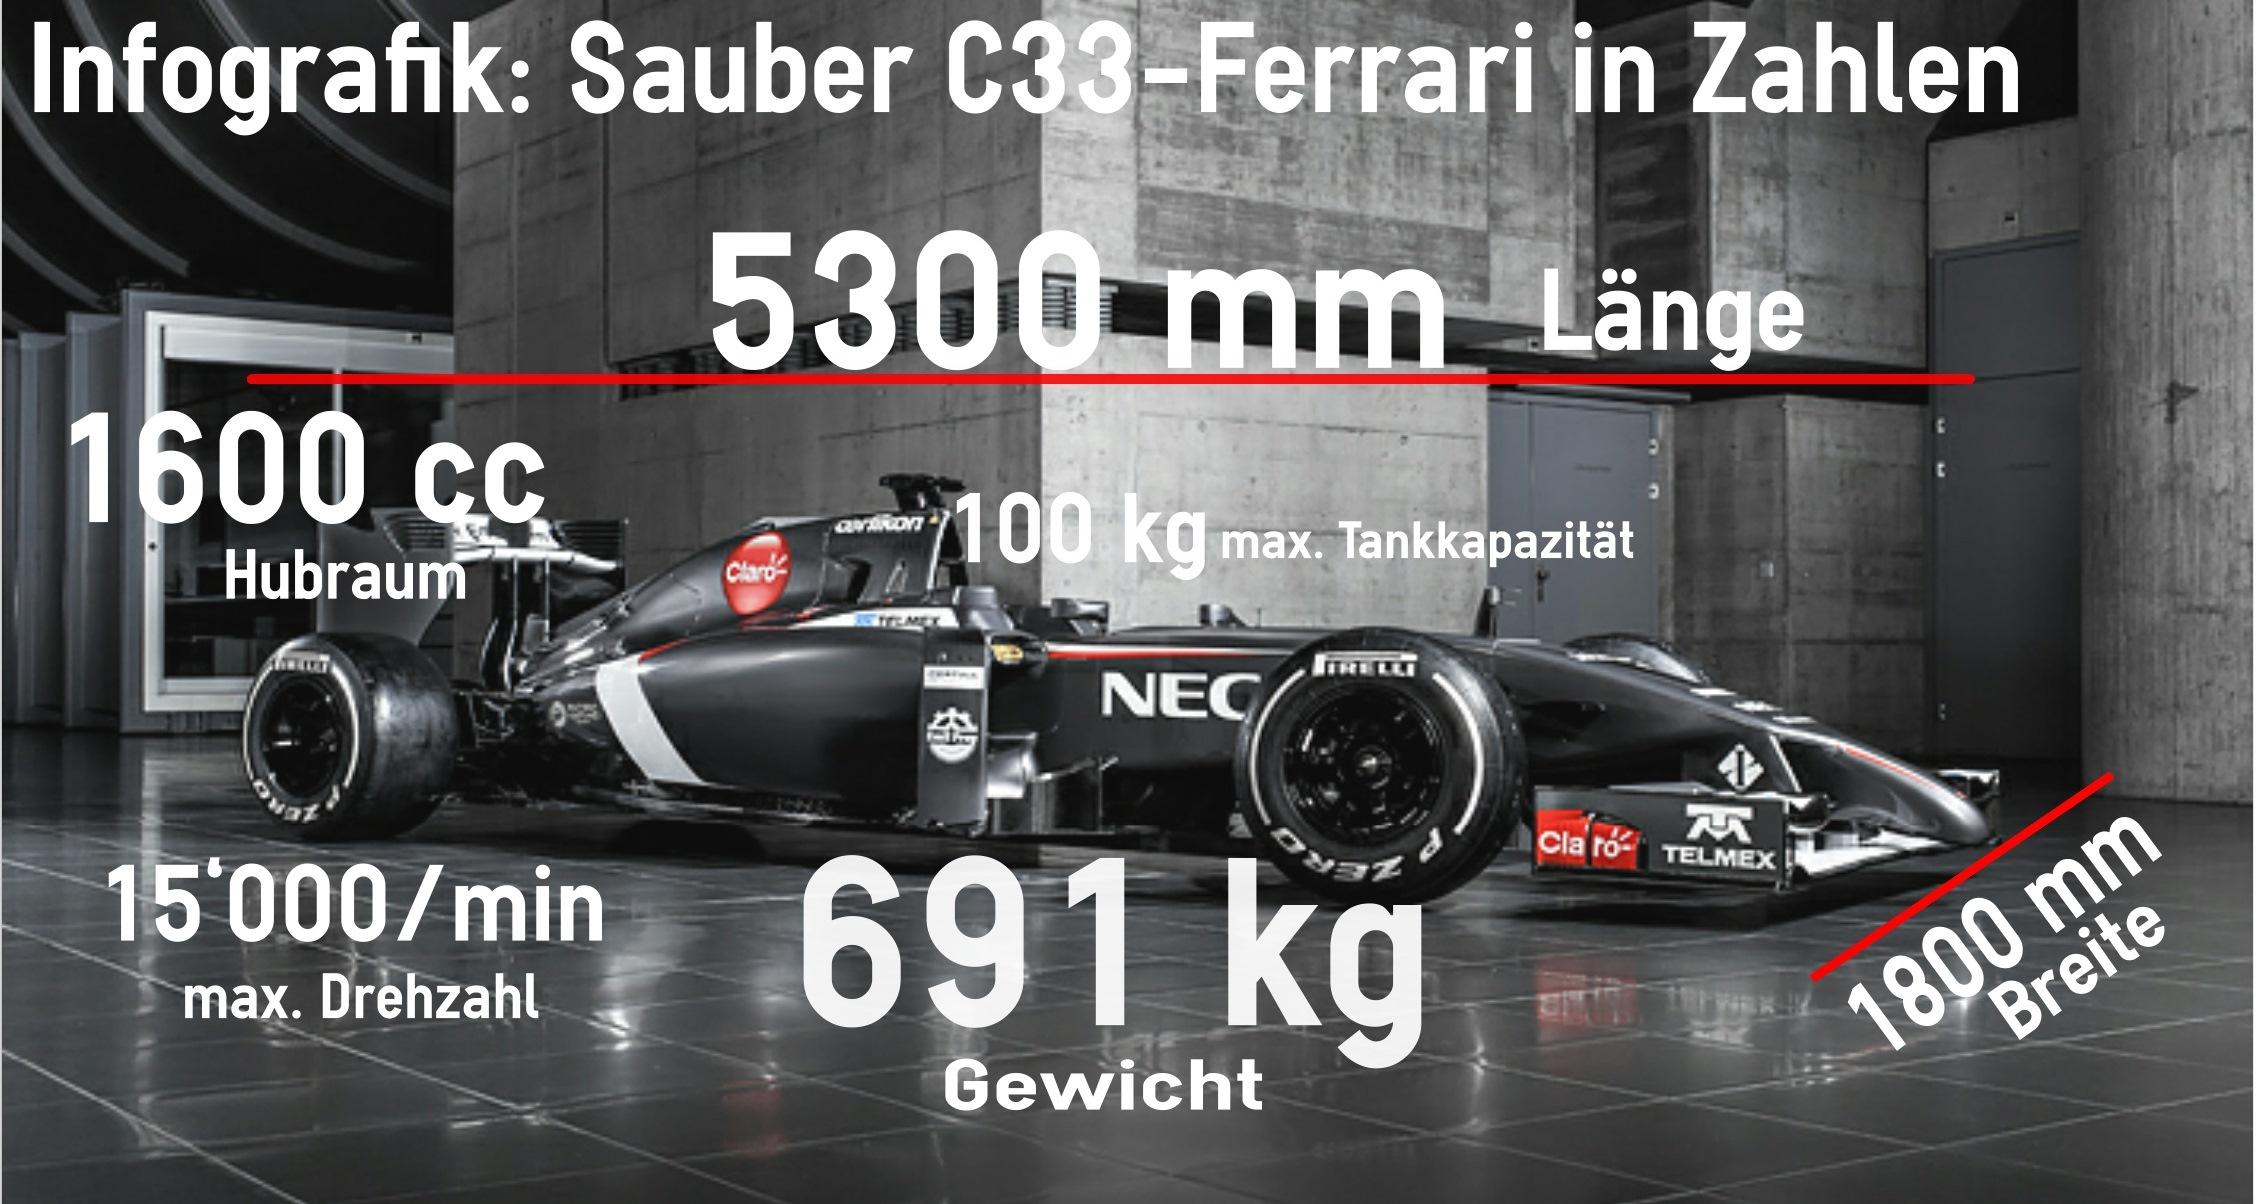 Logistik Spektakel Formel 1 Jedes Kilo Zählt Sbb Cargo Blog